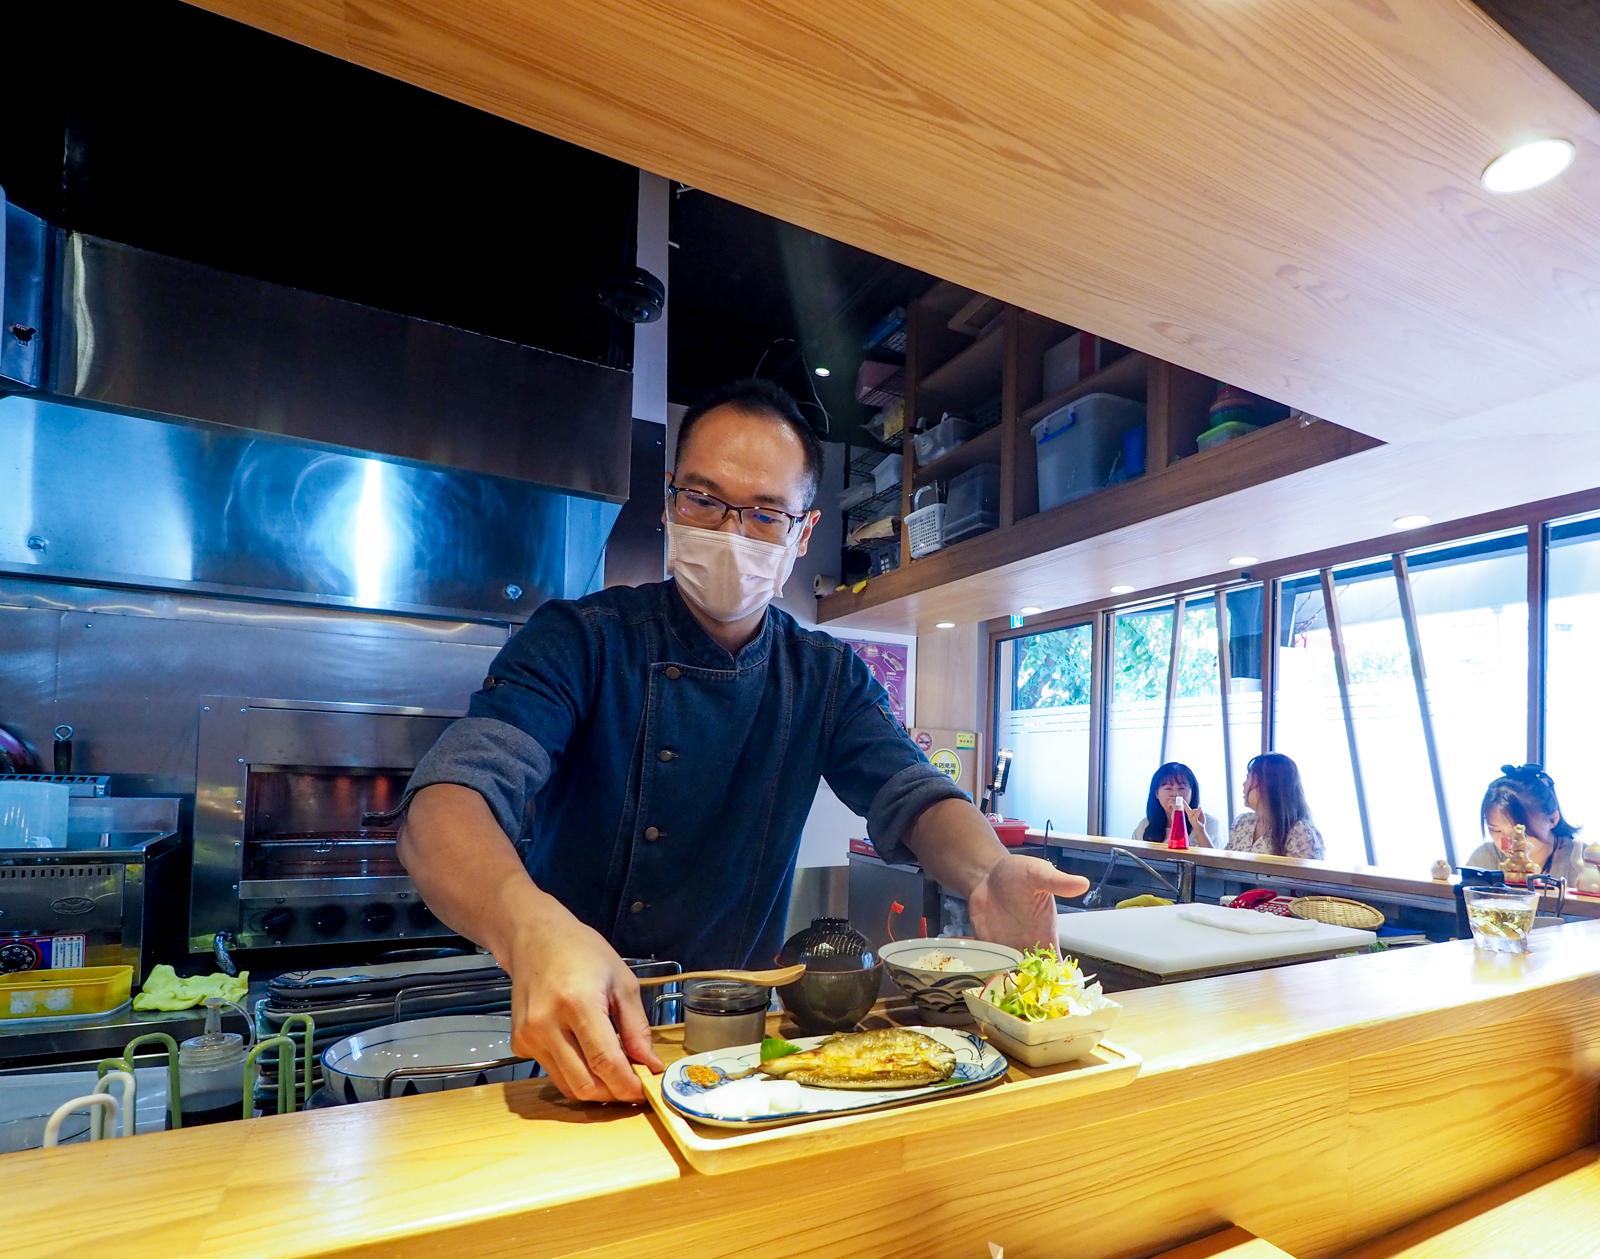 【石牌站美食】漁當家食堂 最青最新鮮的無菜單當天漁獲套餐 用心料理每一道!